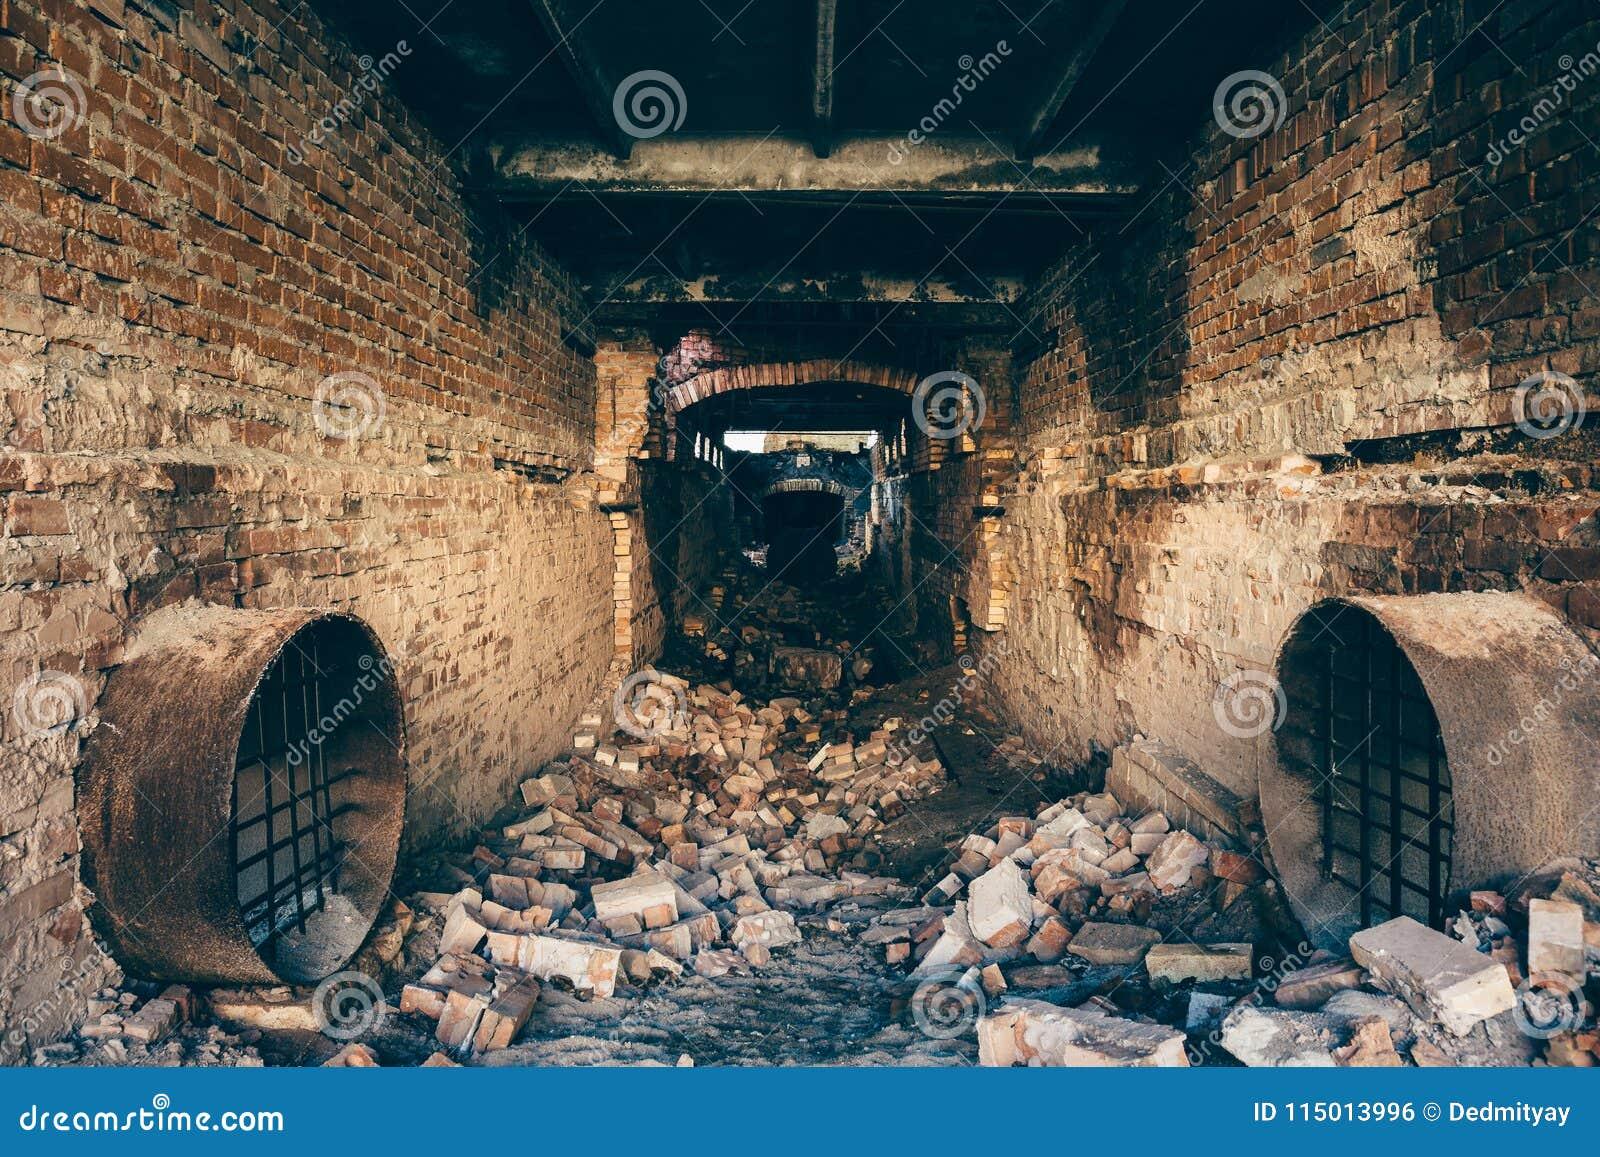 la brique rouge ruin e a abandonn le tunnel souterrain d 39 gout avec l 39 atmosph re myst rieuse. Black Bedroom Furniture Sets. Home Design Ideas